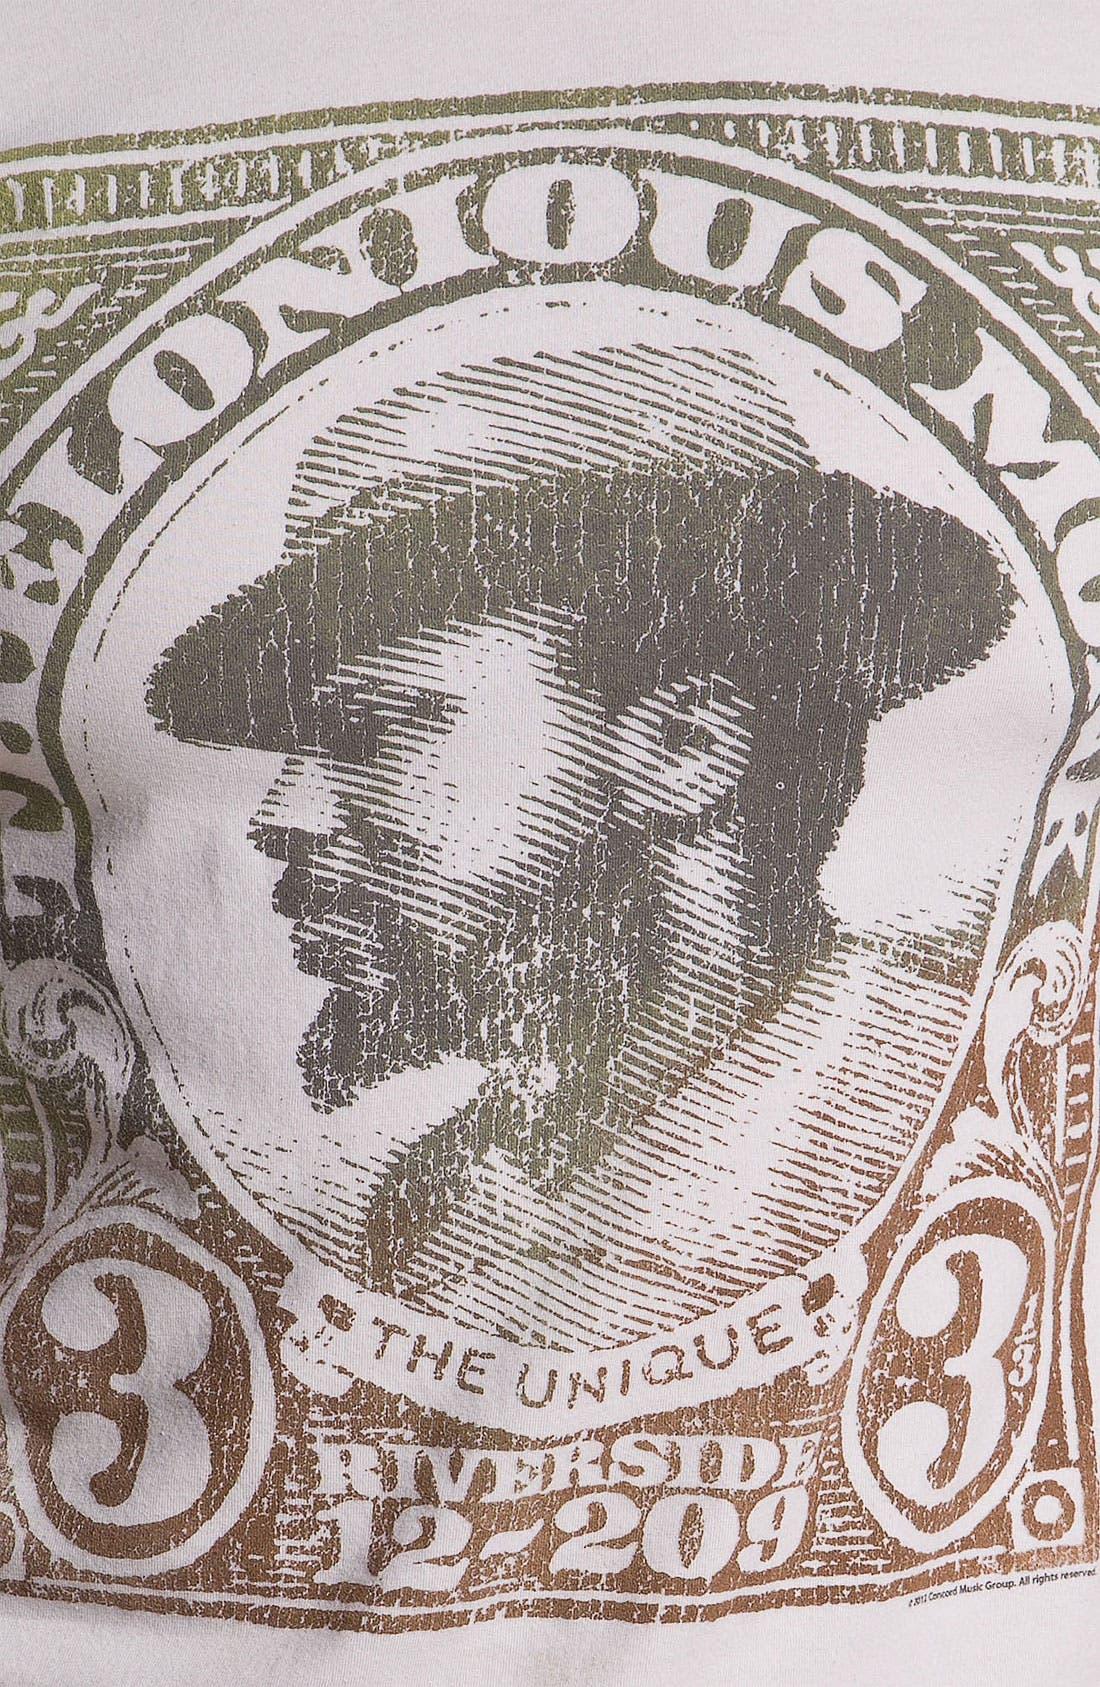 'The Unique Thelonius Monk' Crewneck T-Shirt,                             Alternate thumbnail 2, color,                             050